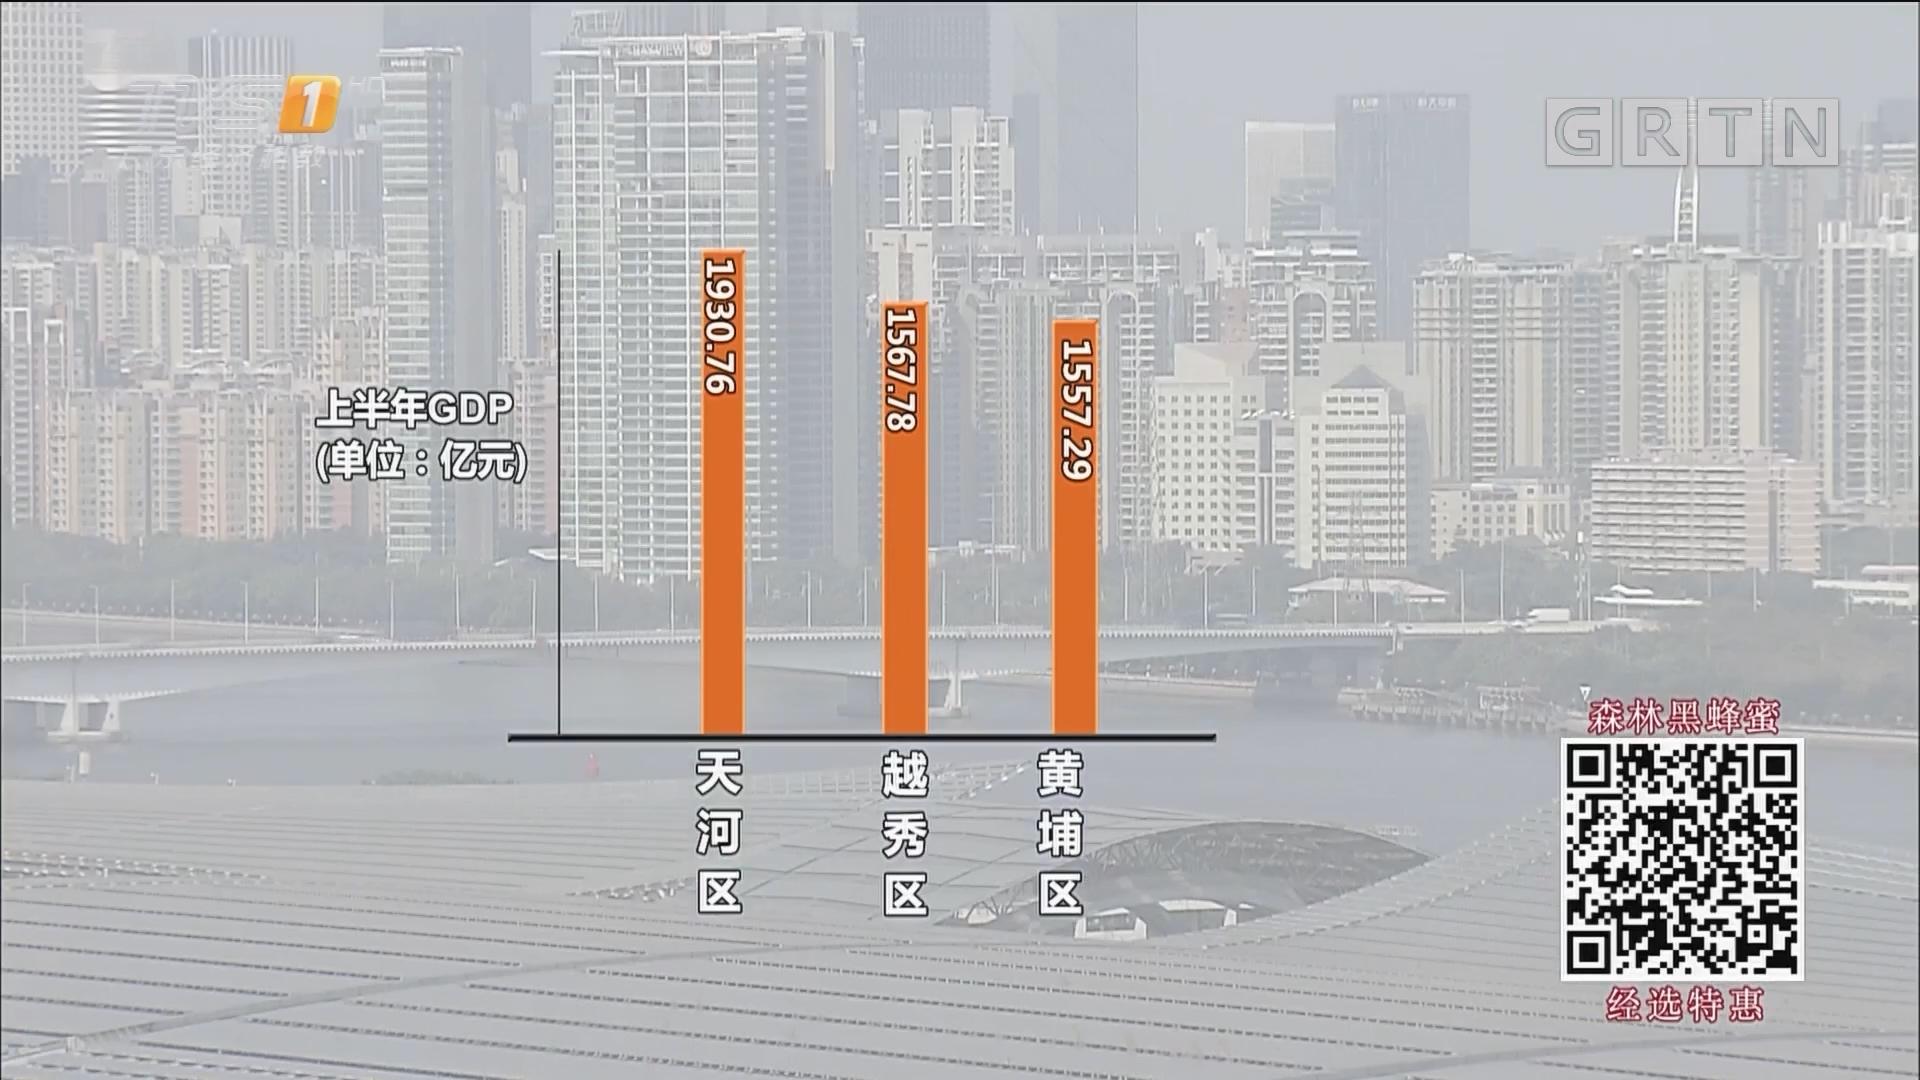 广州:各区半年经济成绩单 三个区占半壁江山